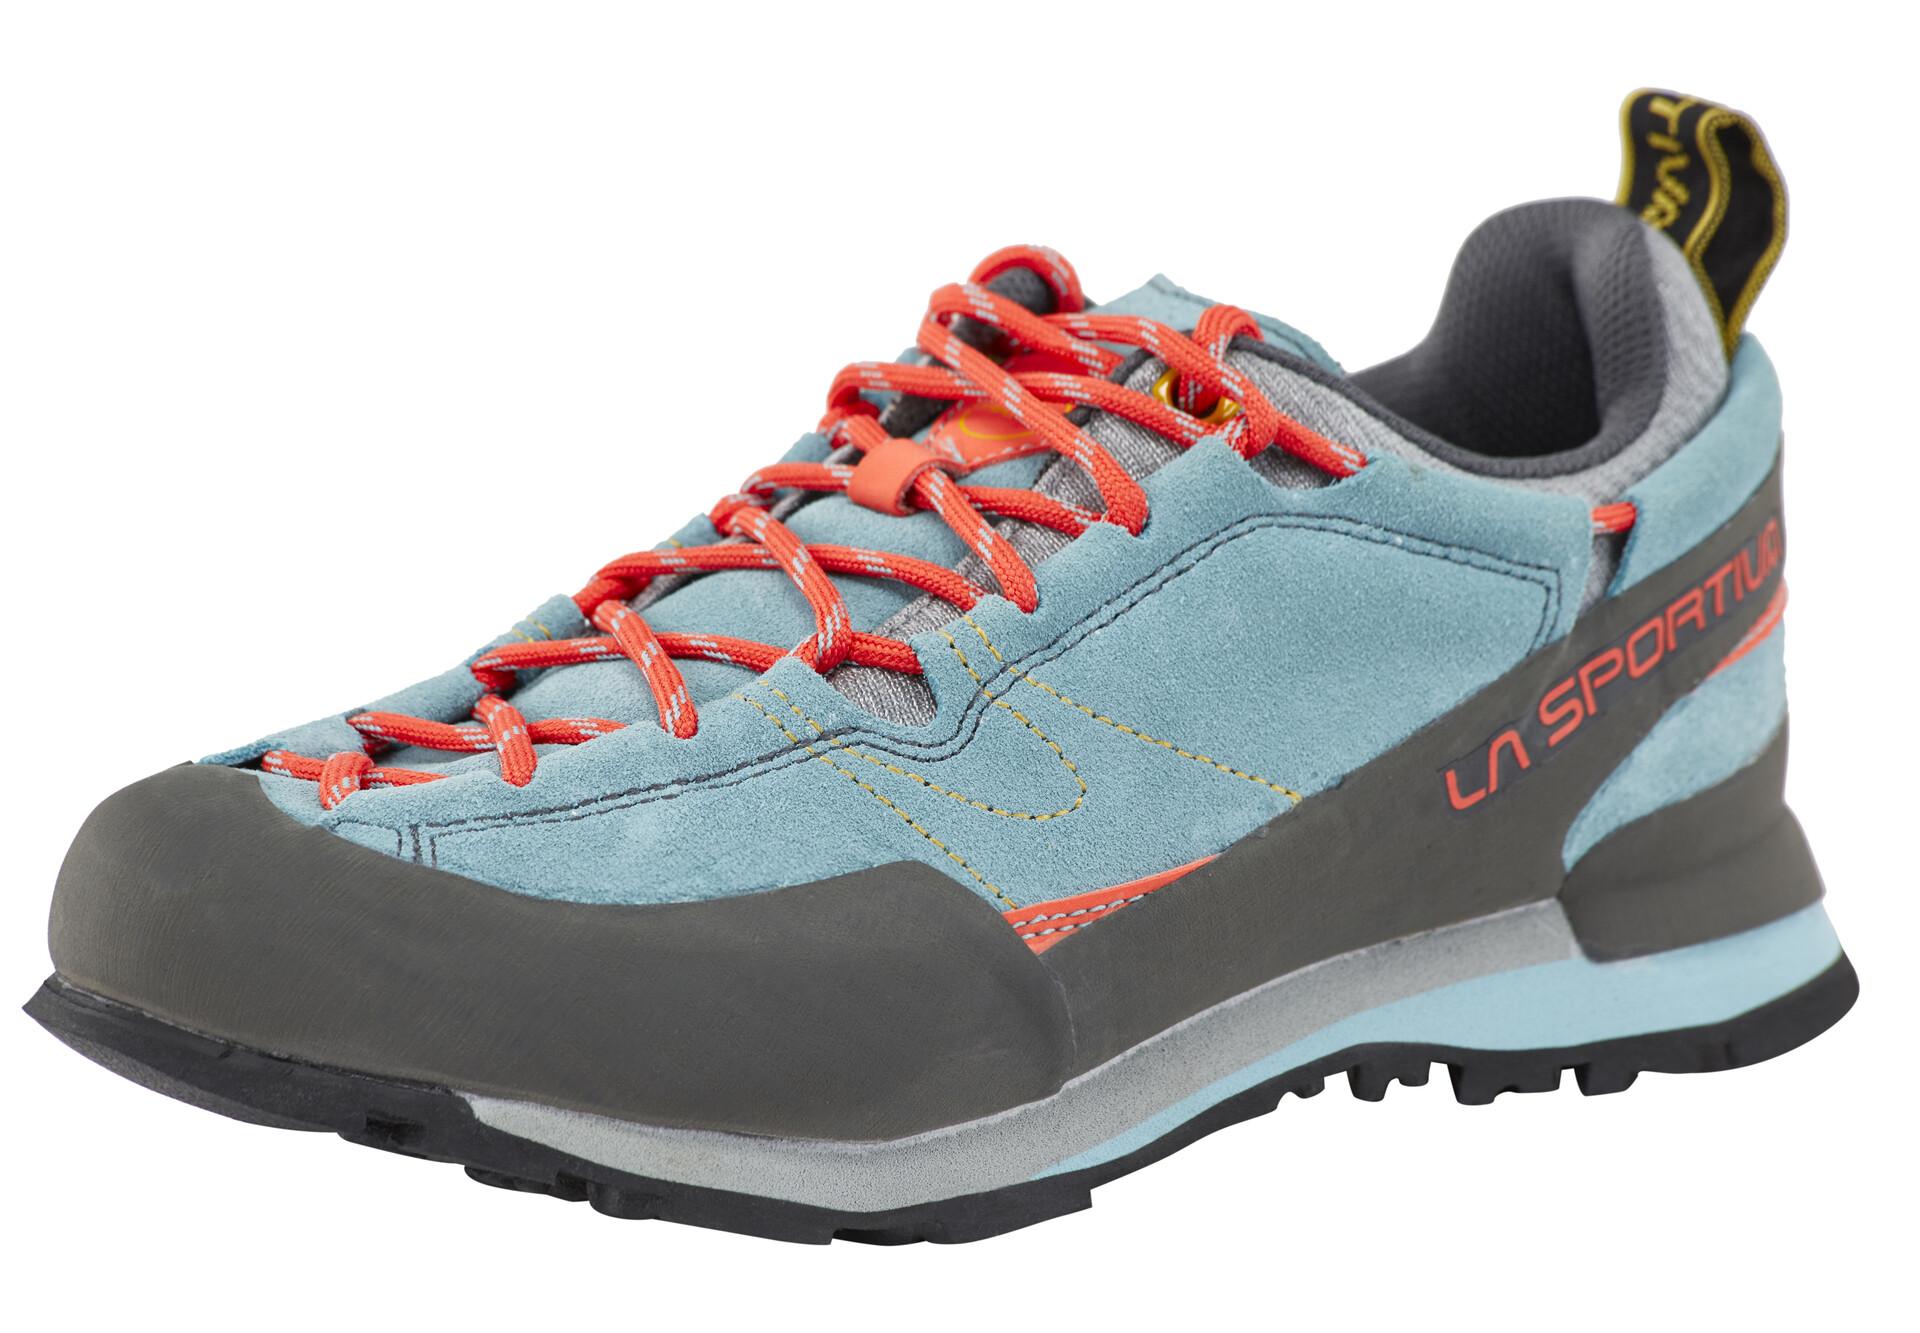 CAMPZ Chaussures La X Femme sur Sportiva Boulder grisbleu K1cTlFJ